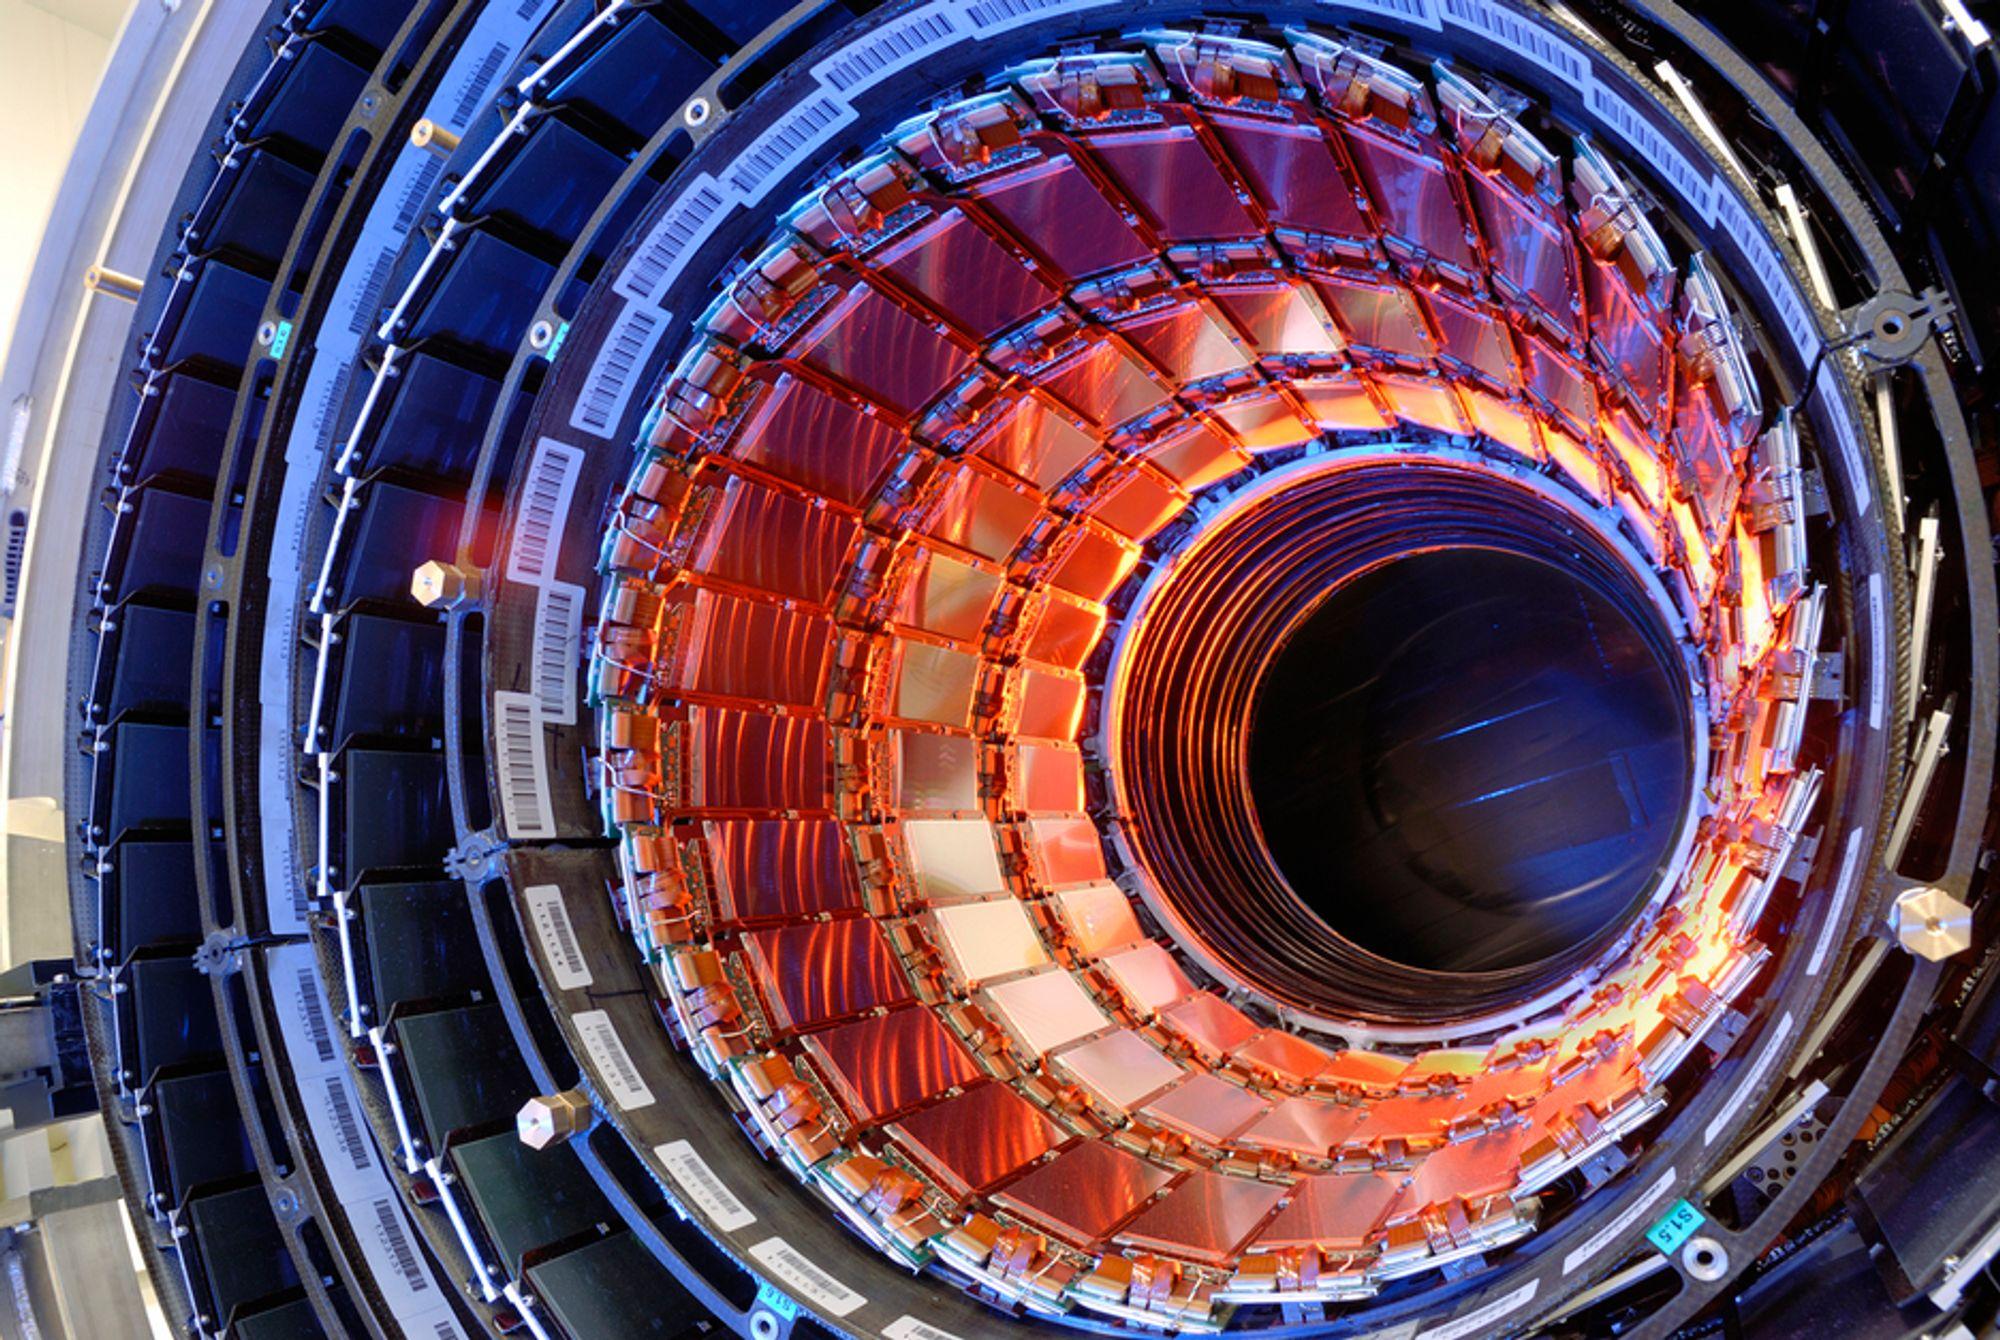 STORT POTENSIALE: Thorium kan være en del av fremtidens energiløsning, mest fordi det ikke gir drivhusgassutslipp. Det finnes gigantforekomster på Fensfeltet i Telemark, men ikke teknologi som gjør at man kan utvinne det i industriell skala. Bildet viser en thorium-protonakselerator. Foto: Cern